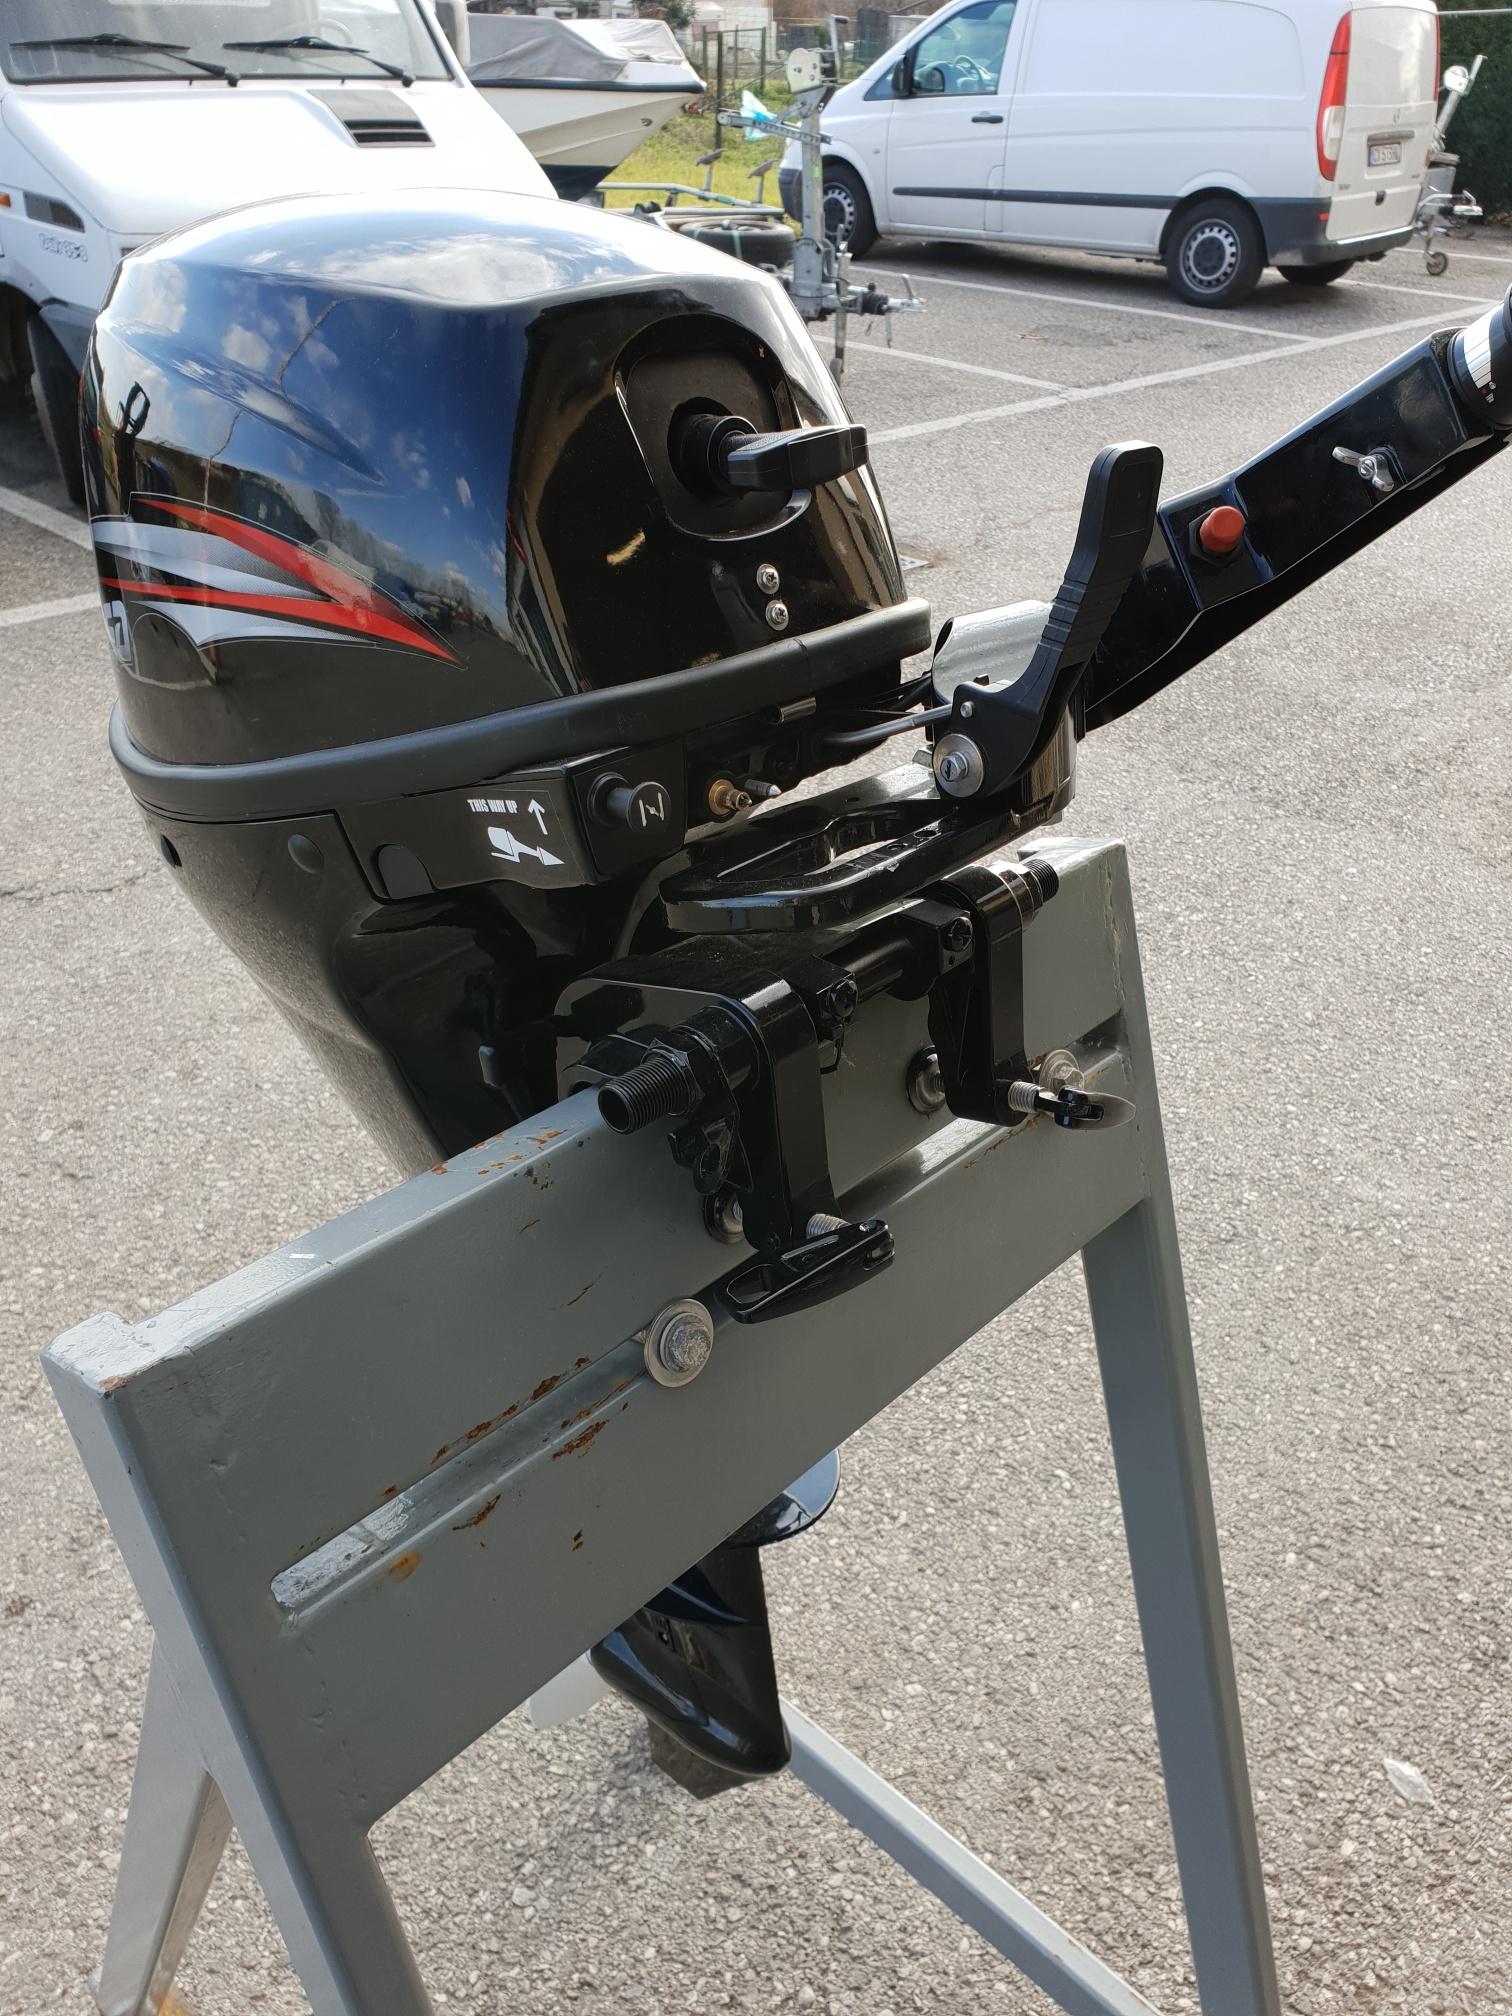 Foto Motore Fuoribordo Usato Hidea F 9.9 4 tempi gambo corto - 1